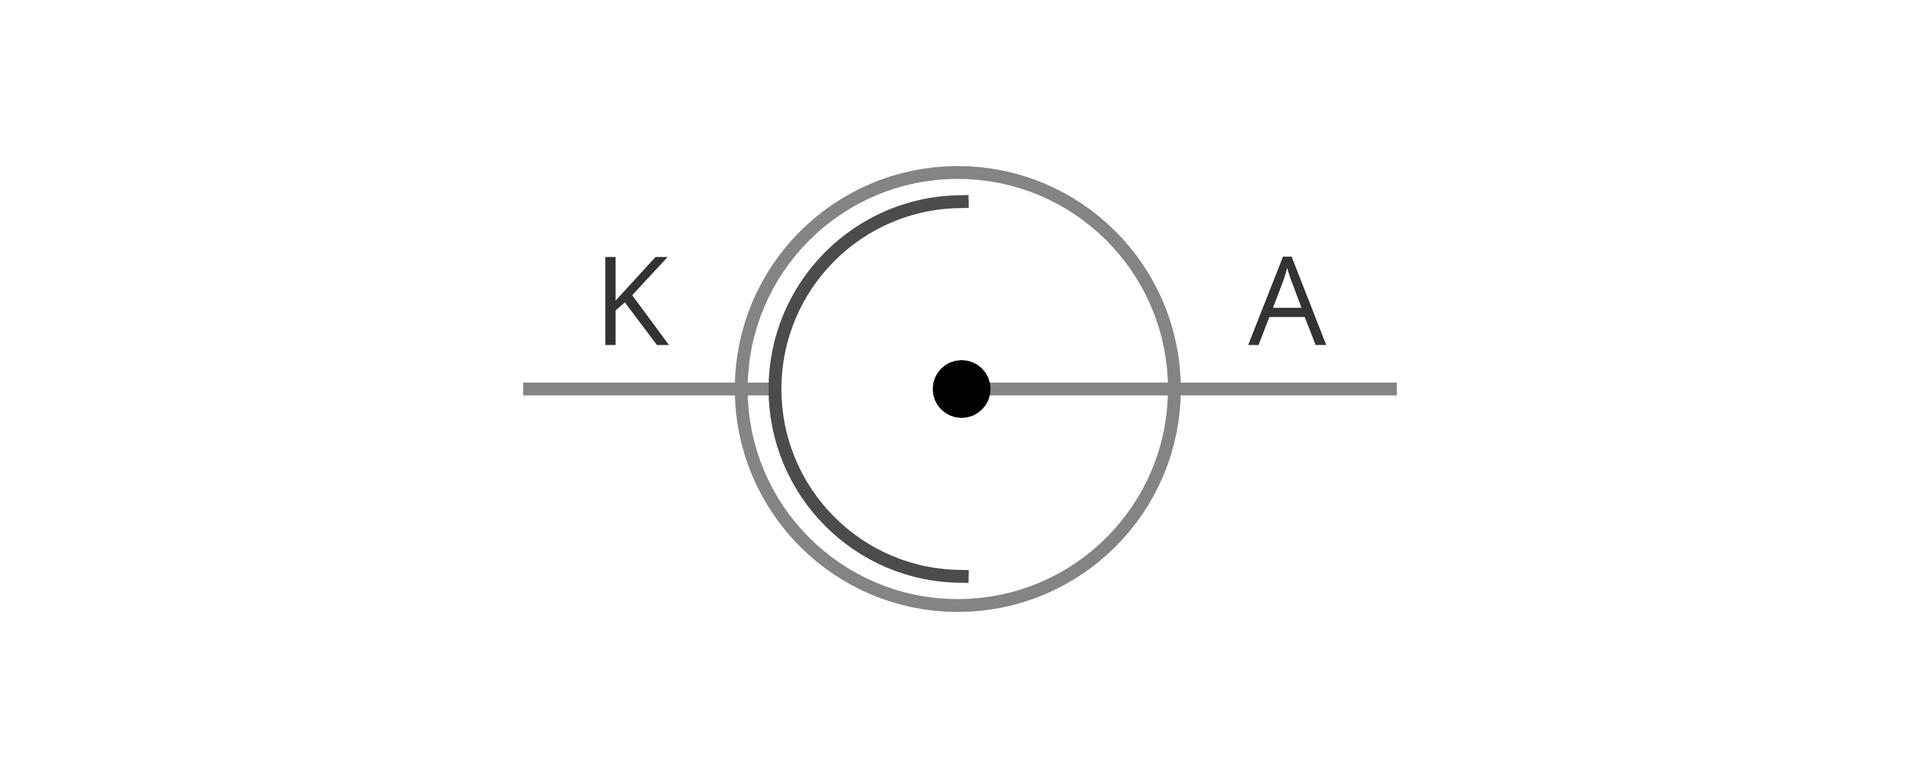 """Ilustracja przedstawia fotokomórkę. Tło białe. Na środku brązowe koło. Wśrodku czarny punkt. Od czarnego punktu poziomo, wprawo, poprowadzono brązową linię wychodzącą poza koło. Wśrodku koła znajduje się również czarny łuk (przypomina literę C). Łuk zajmuje lewe półkole koła. Od czarnego łuku poziomo, wlewo, poprowadzono brązową linię wychodzącą poza koło. Po lewej stronie koła, nad linią, znajduje się litera """"K"""", po prawej stronie koła, nad linią, znajduje się litera """"A""""."""